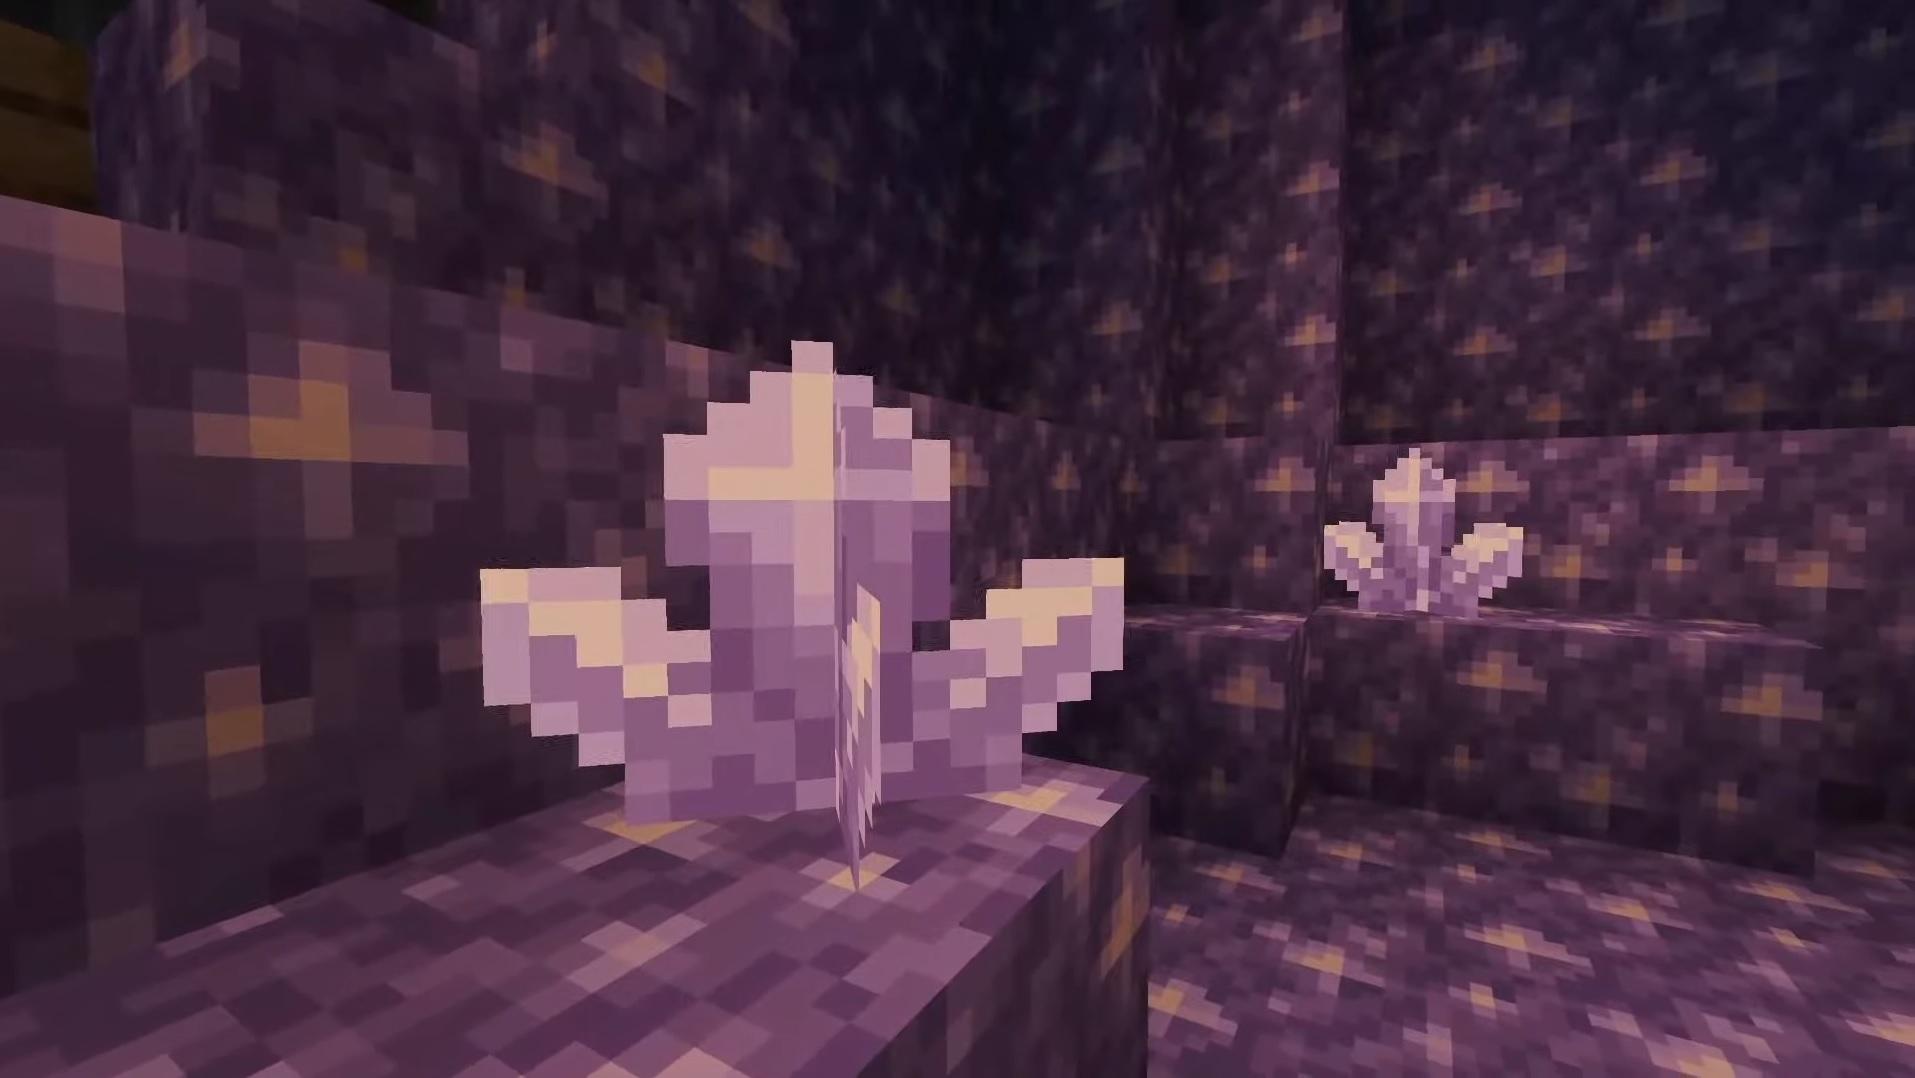 Minecraft Cave & Cliffs update release date: When is Minecraft